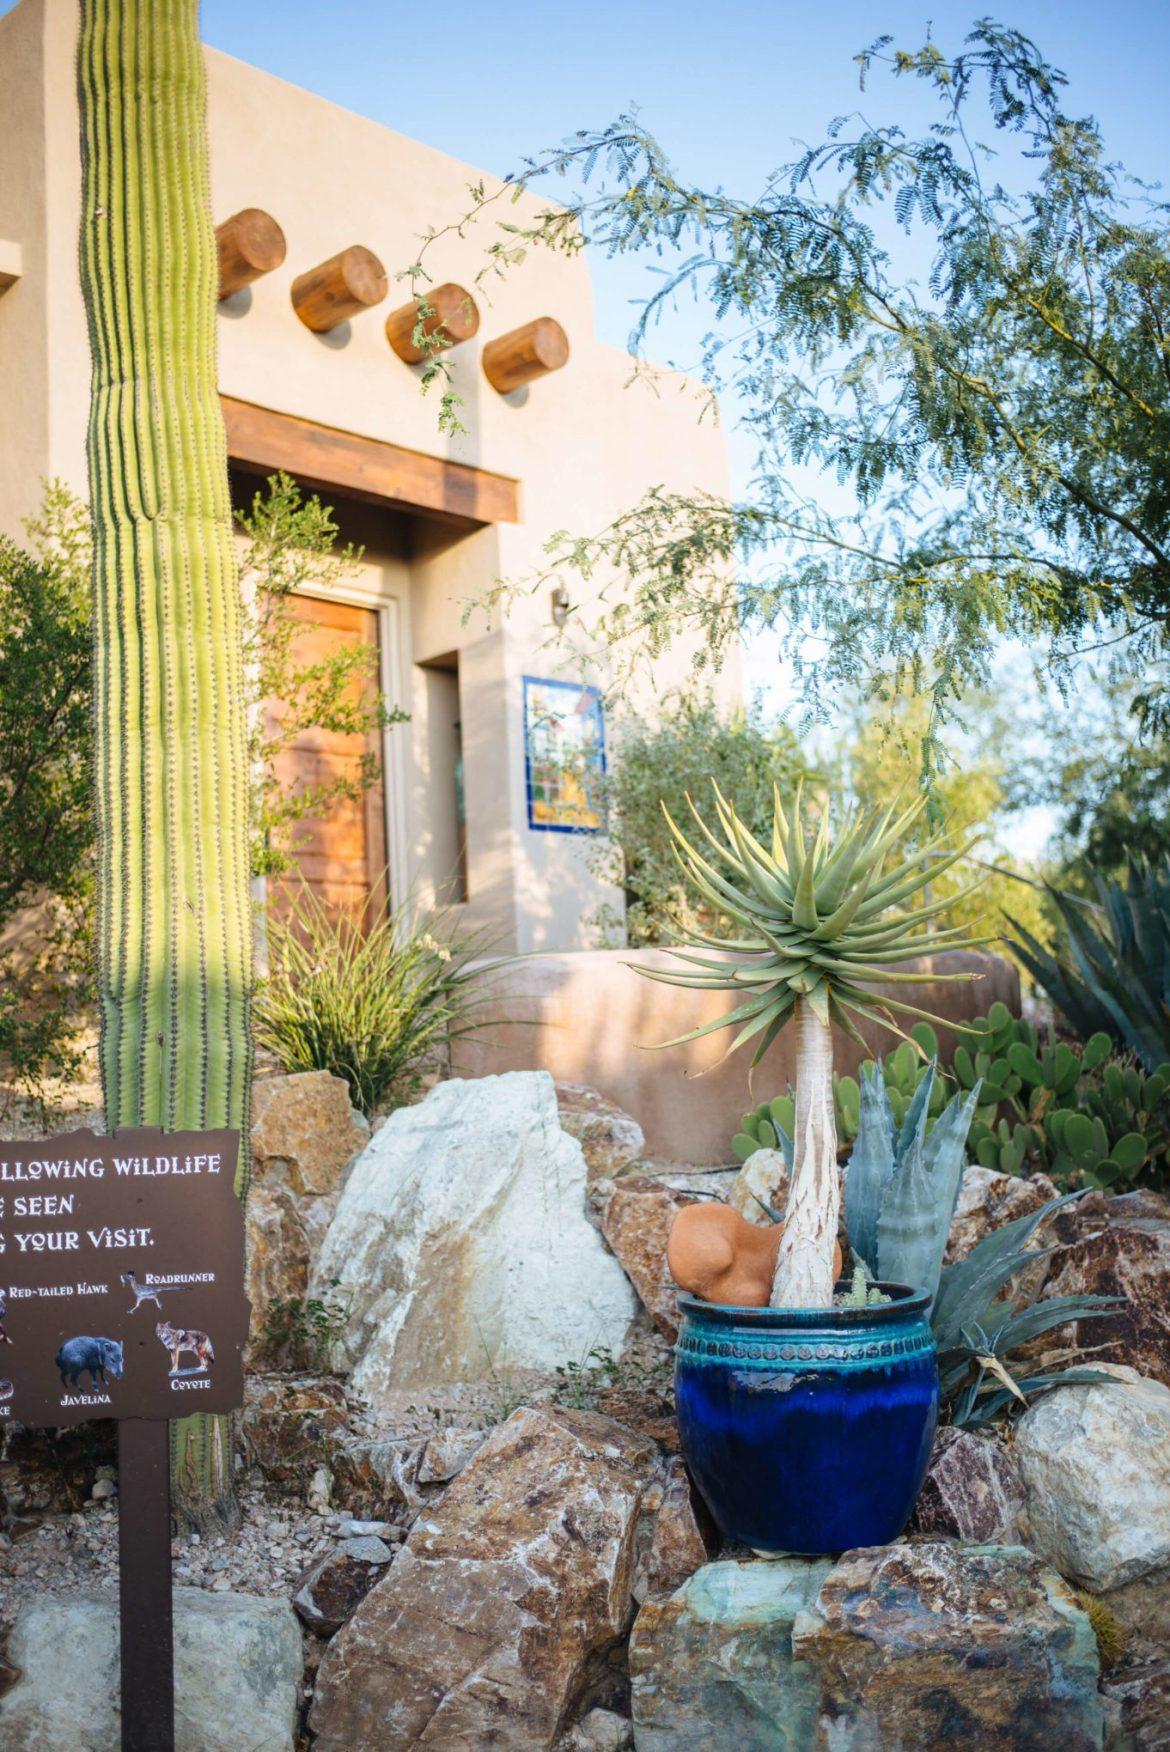 Cactus and signs of wildlife at the Hacienda del Sol, Tucson Arizona, The Taste Edit